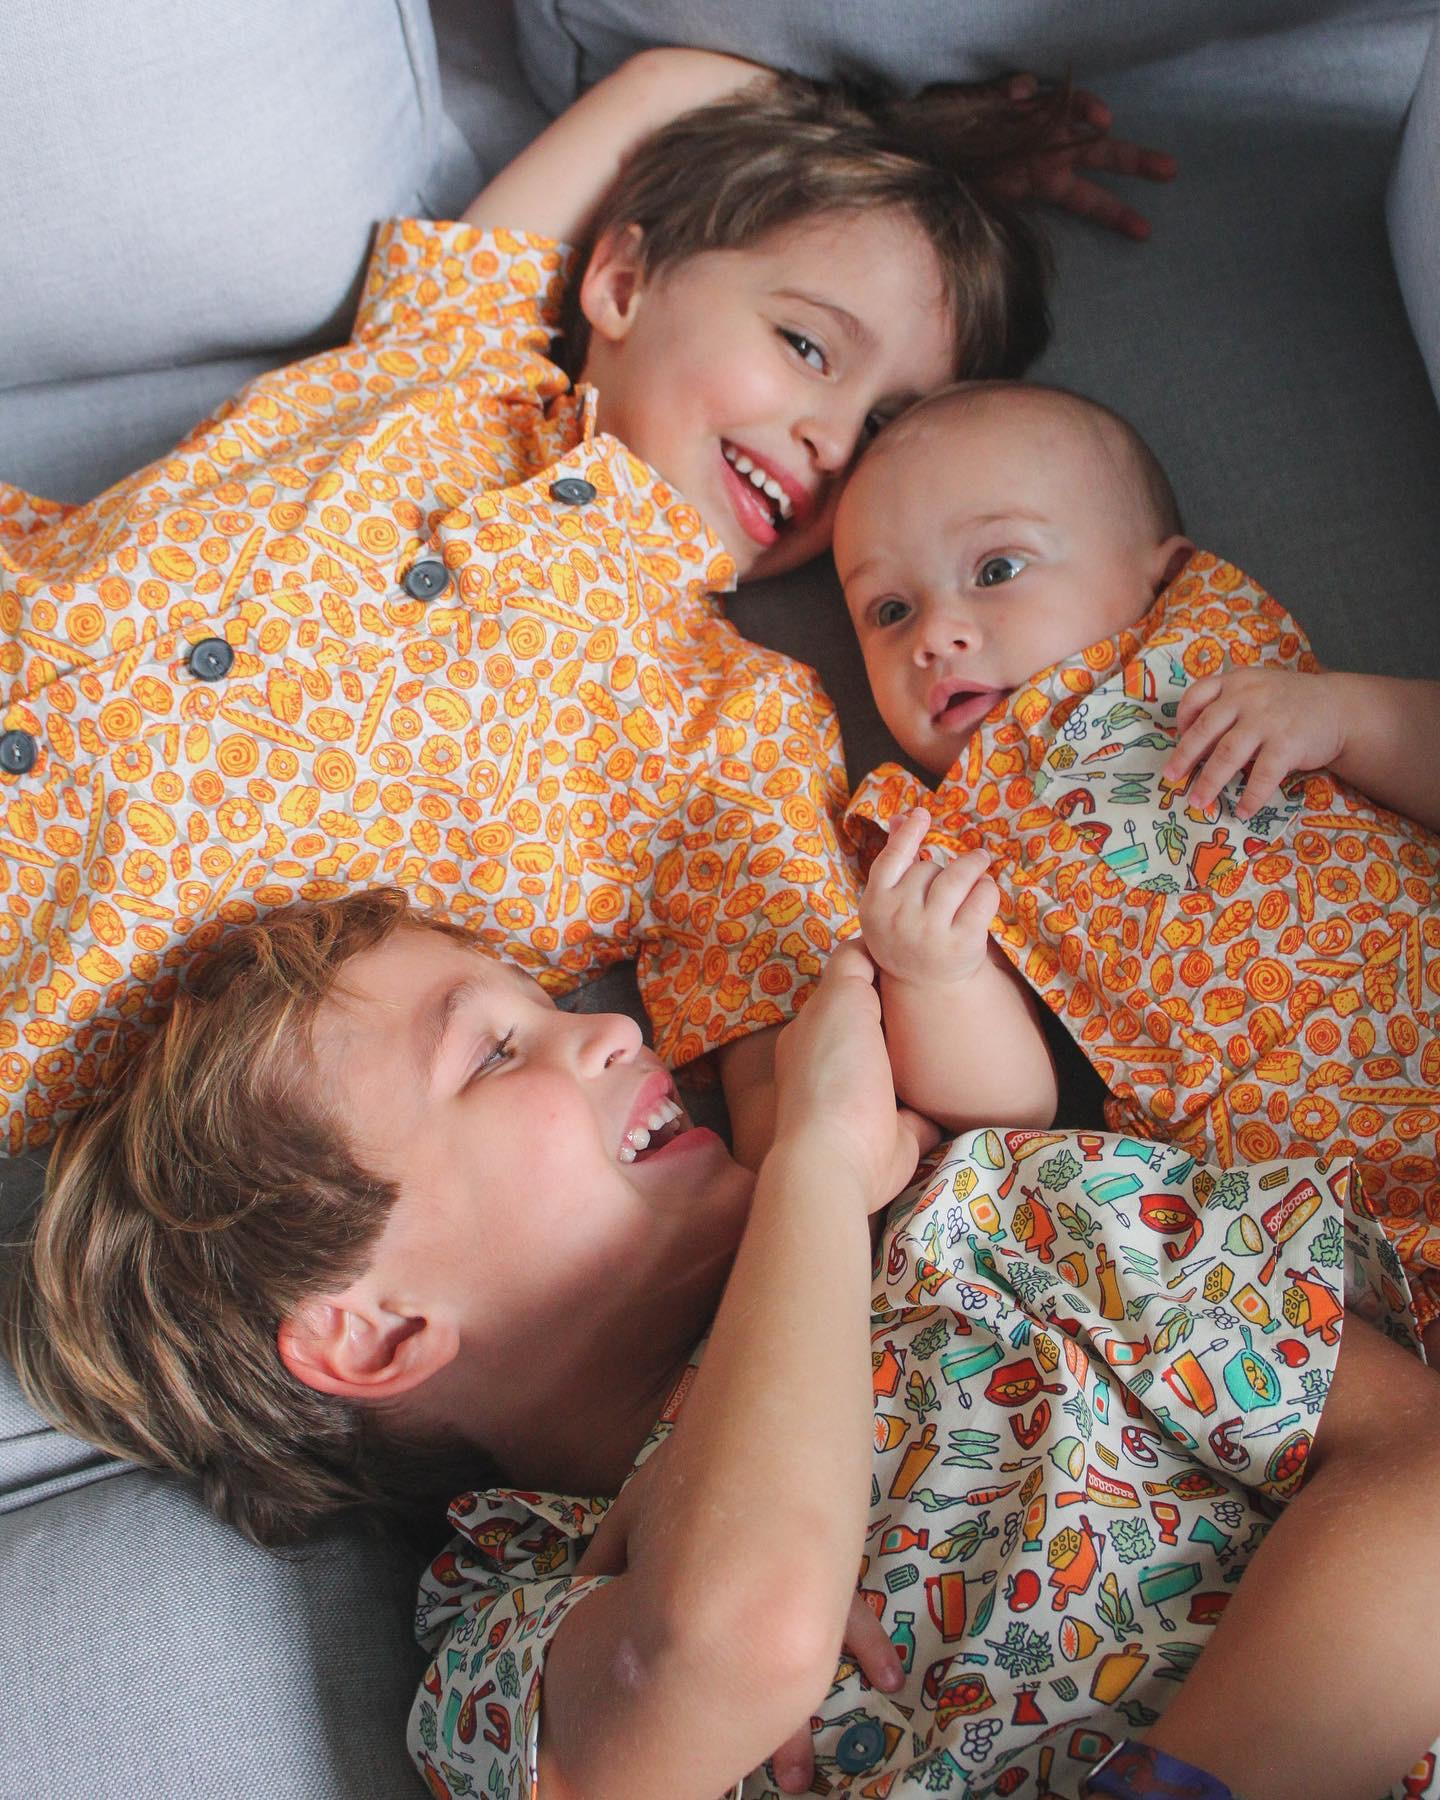 La marca tiene opciones para niñas y niños de diversas edades. (Suministrada)